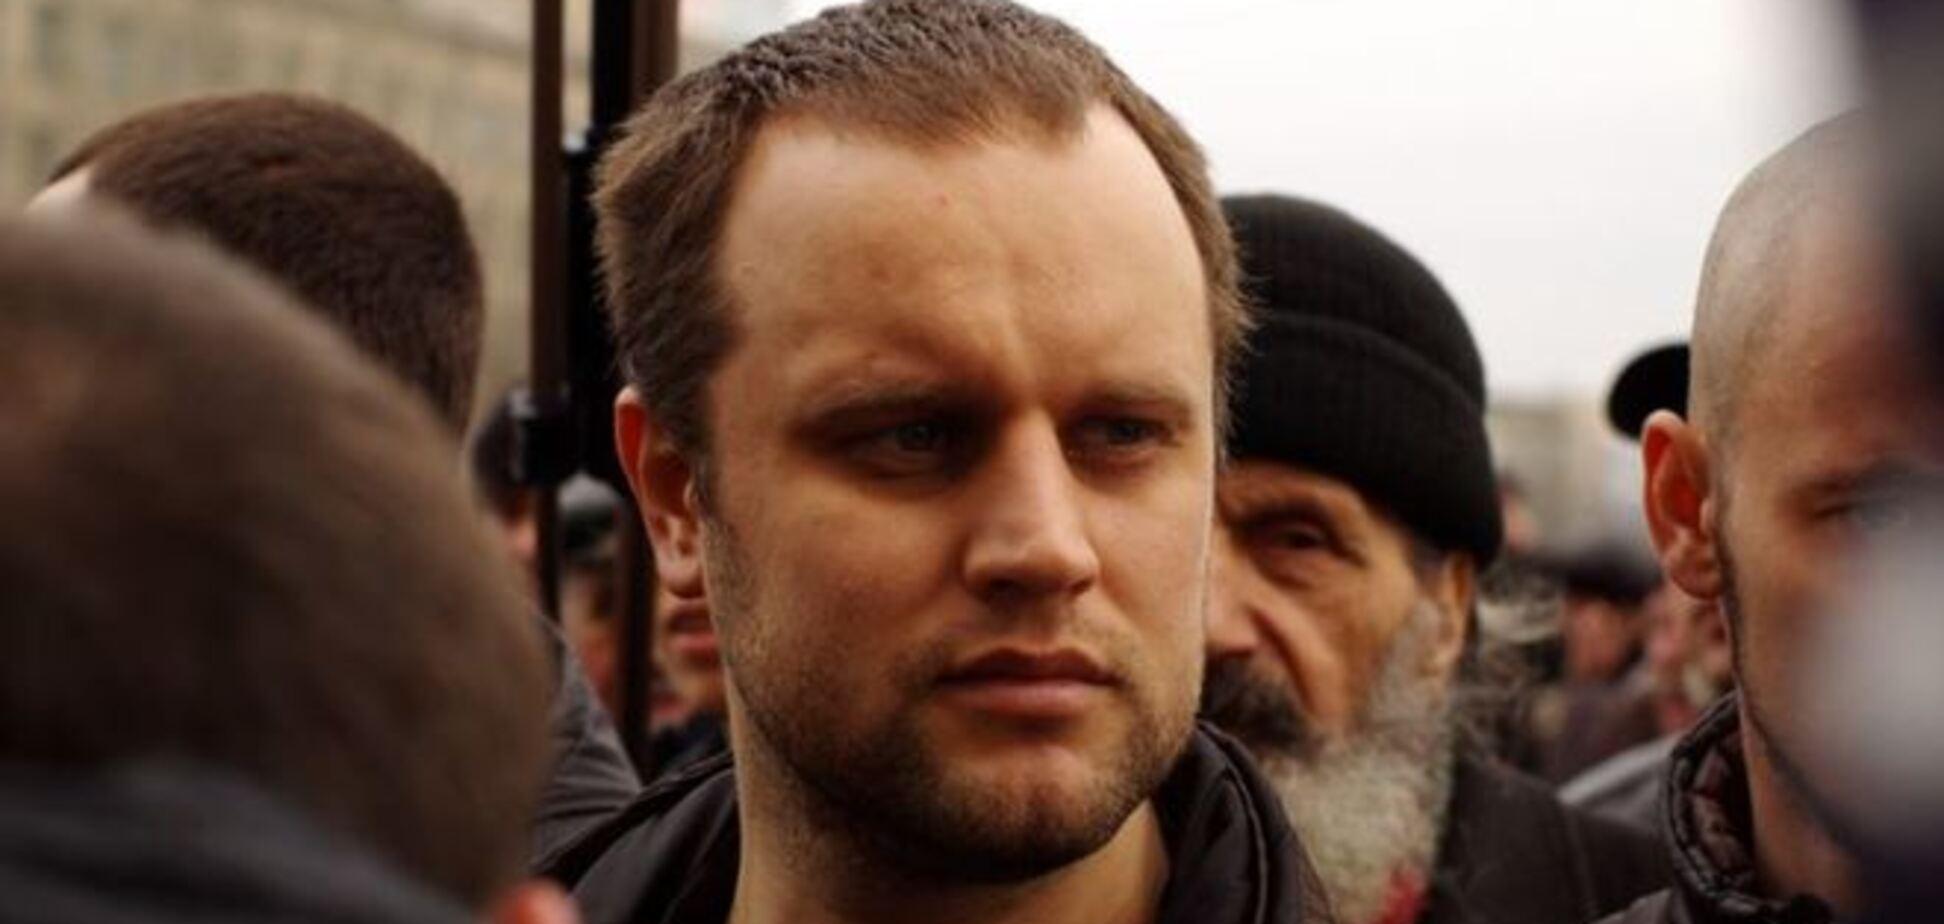 Губарєва обміняли на трьох 'альфівців', в СБУ підтверджують тільки частково